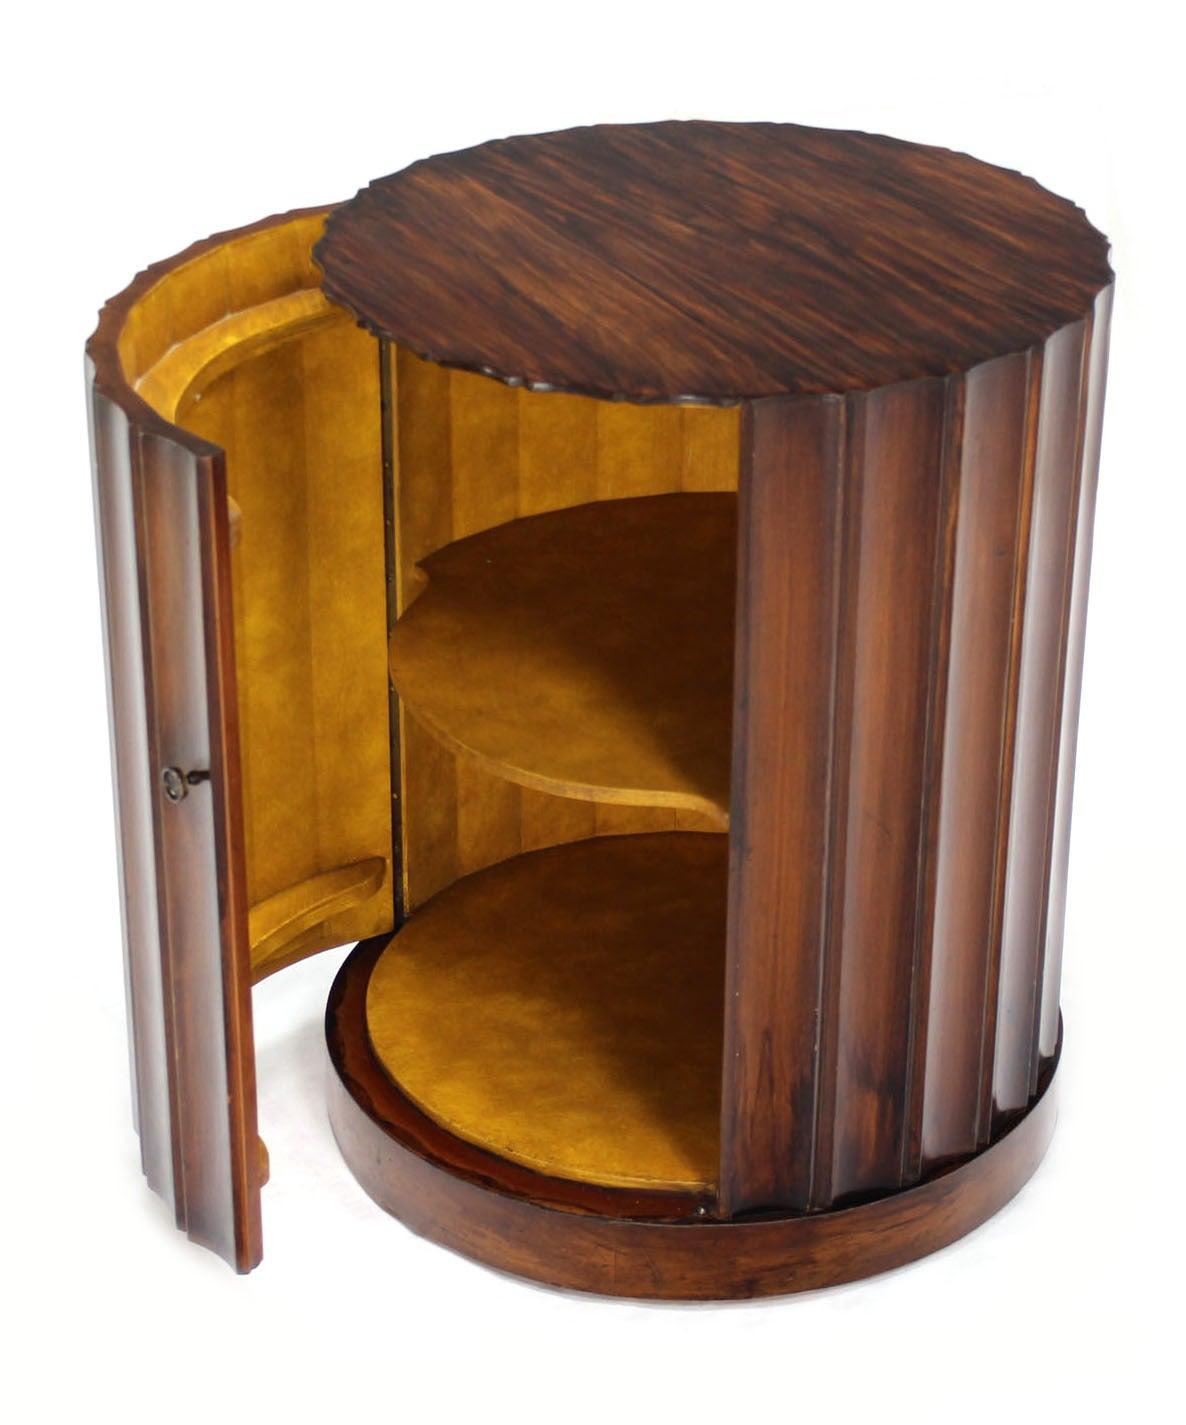 Round Mid Century Modern Pedestal With Bar Cabinet Image 8